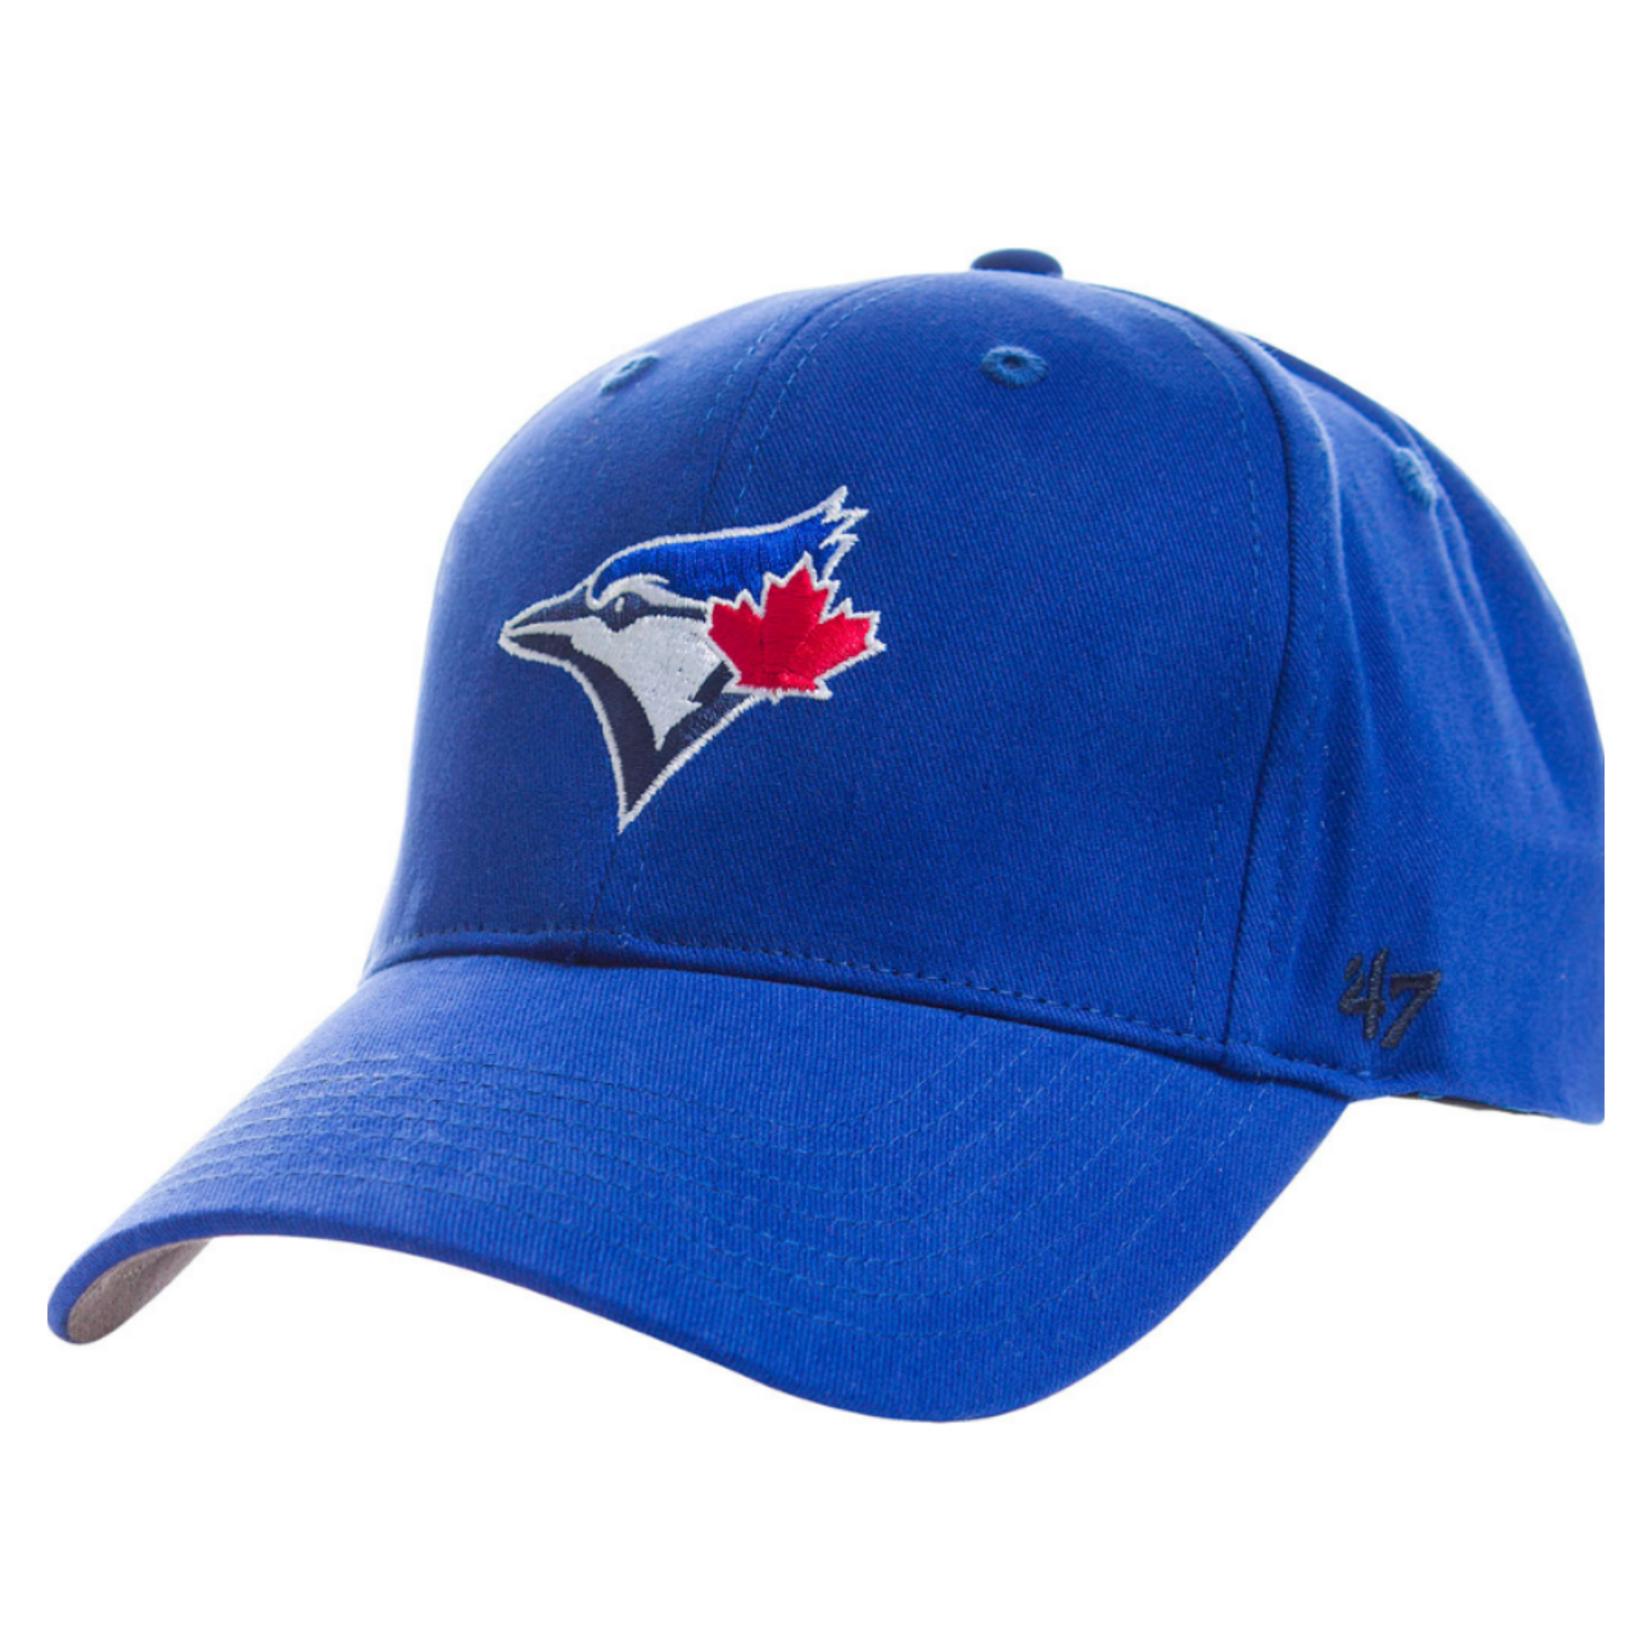 47Brand MLB- Basic 47 MVP Cap - Toddler